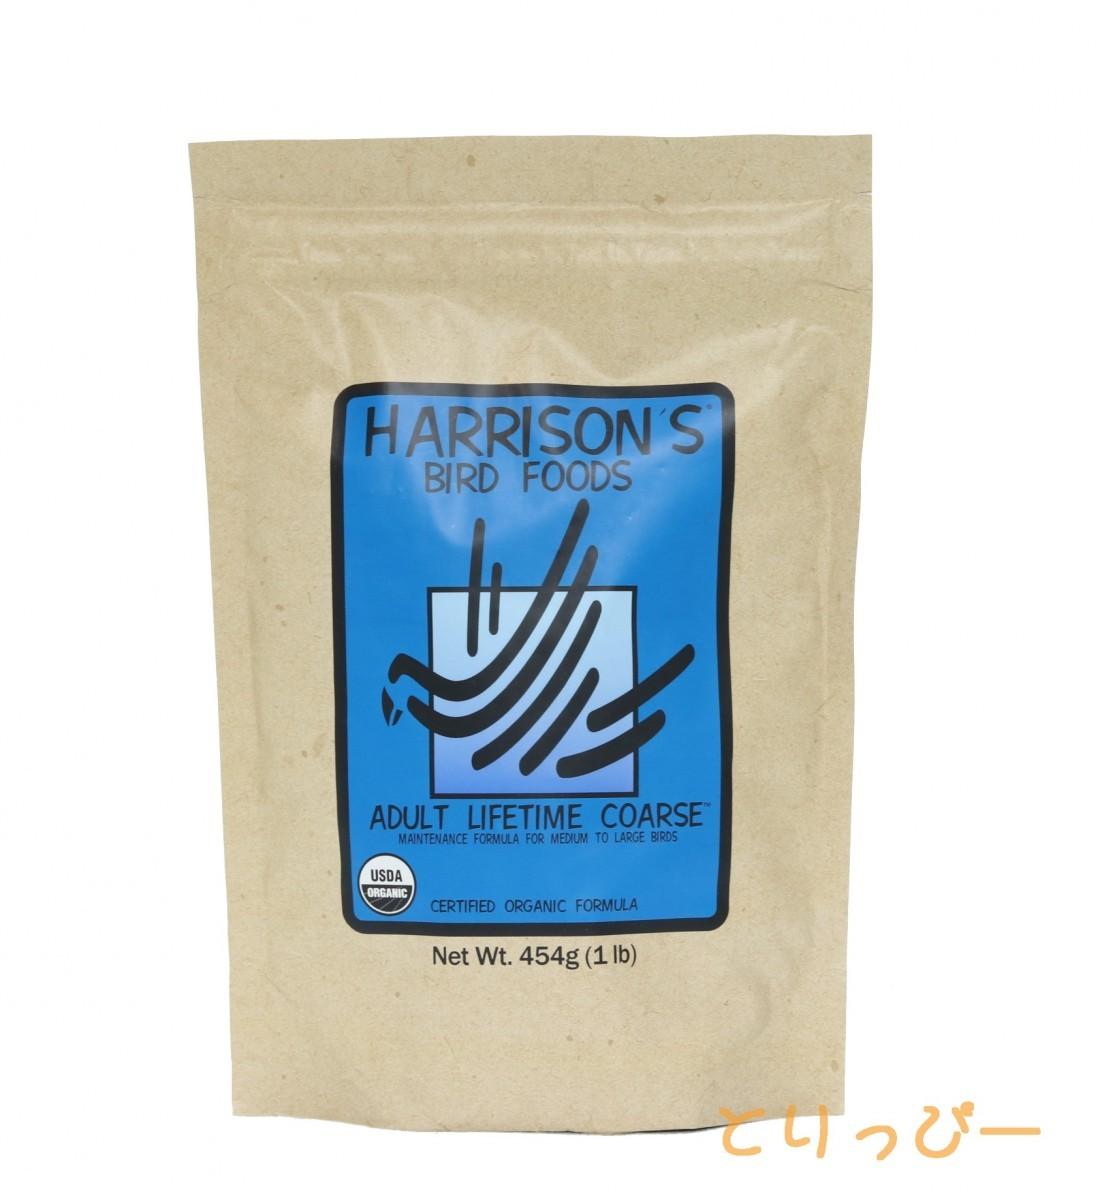 送料無料 ハリソン 現金特価 Harrison s 鳥用ペレット 454g アダルトライフタイム コース 新商品 大粒